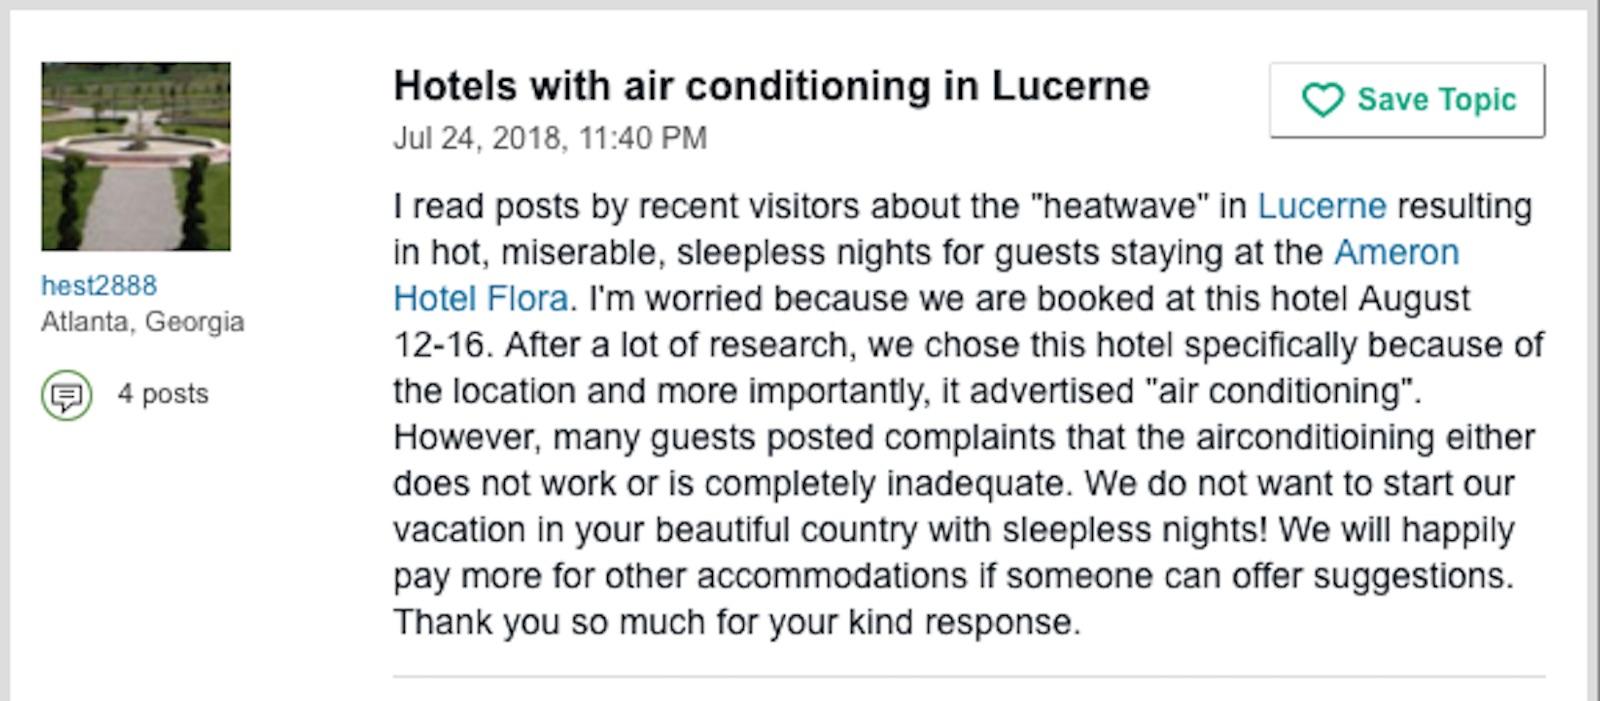 Eine Person aus Atlanta (Georgia) äussert ihre Ängste vor der Reise nach Luzern.